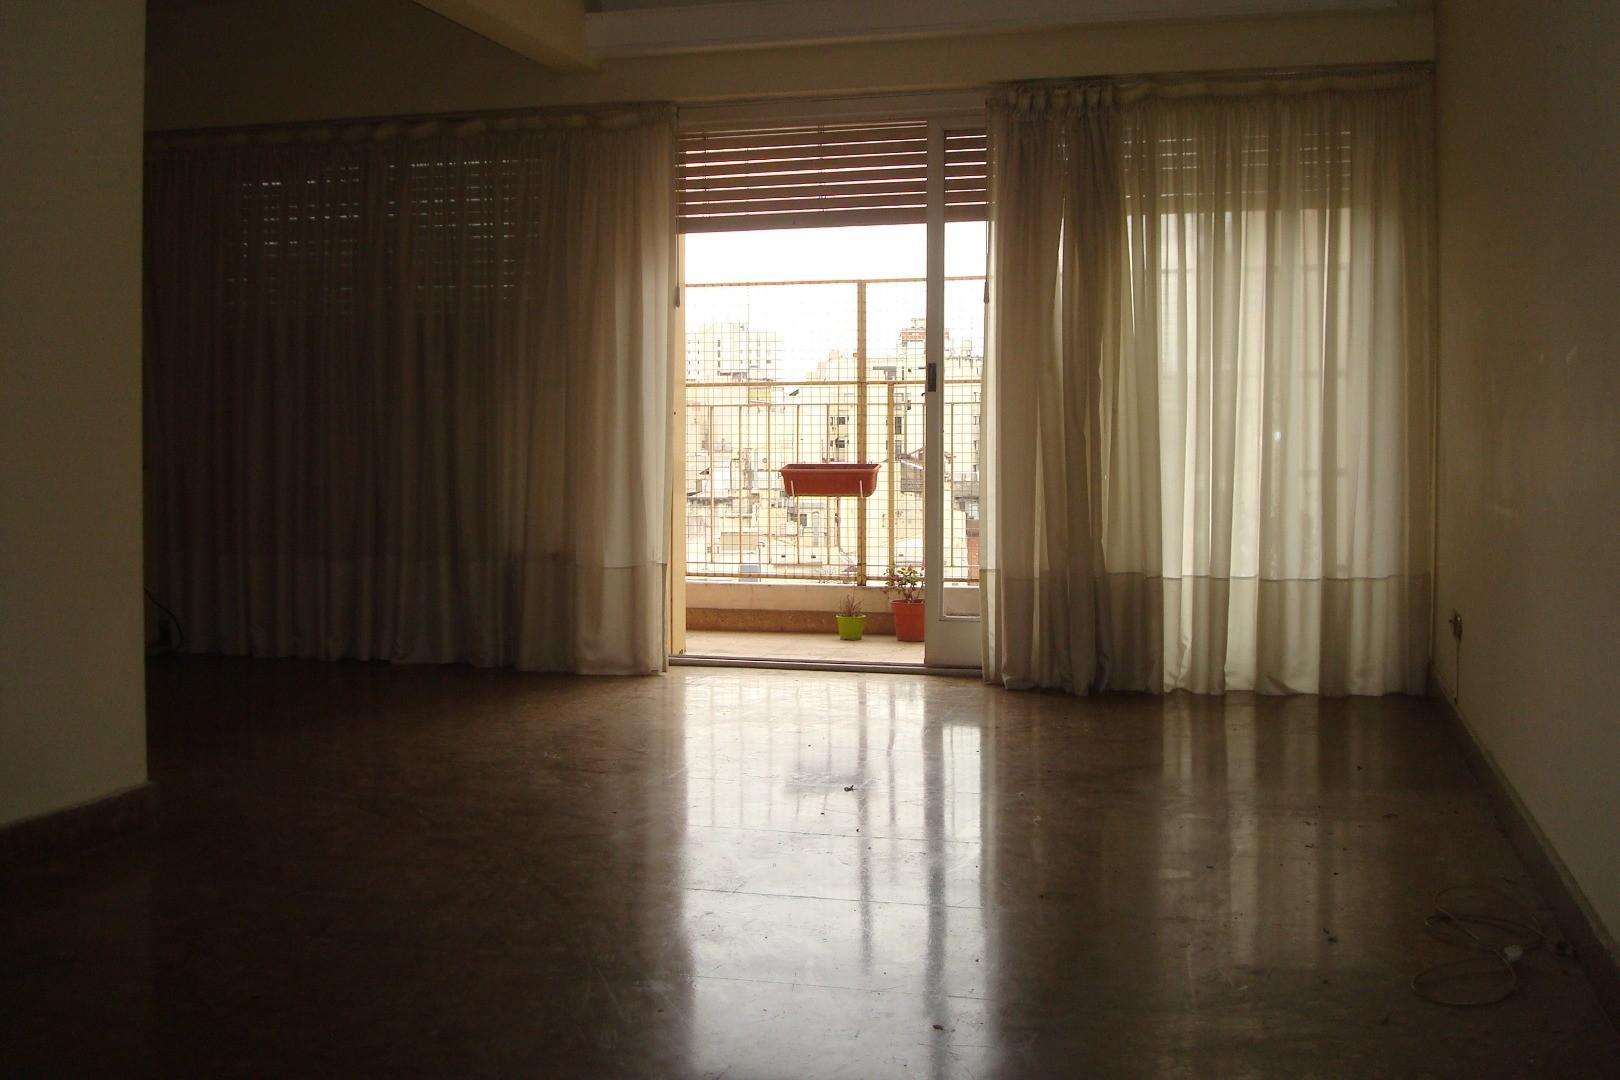 SEMIPISO 3 AMB 80 mt. LIVING-COM EN L. COC-COM. 2 BAÑOS. BAULERA. BALCÓN. CONTRAFRENTE.A mts DE OLAZ